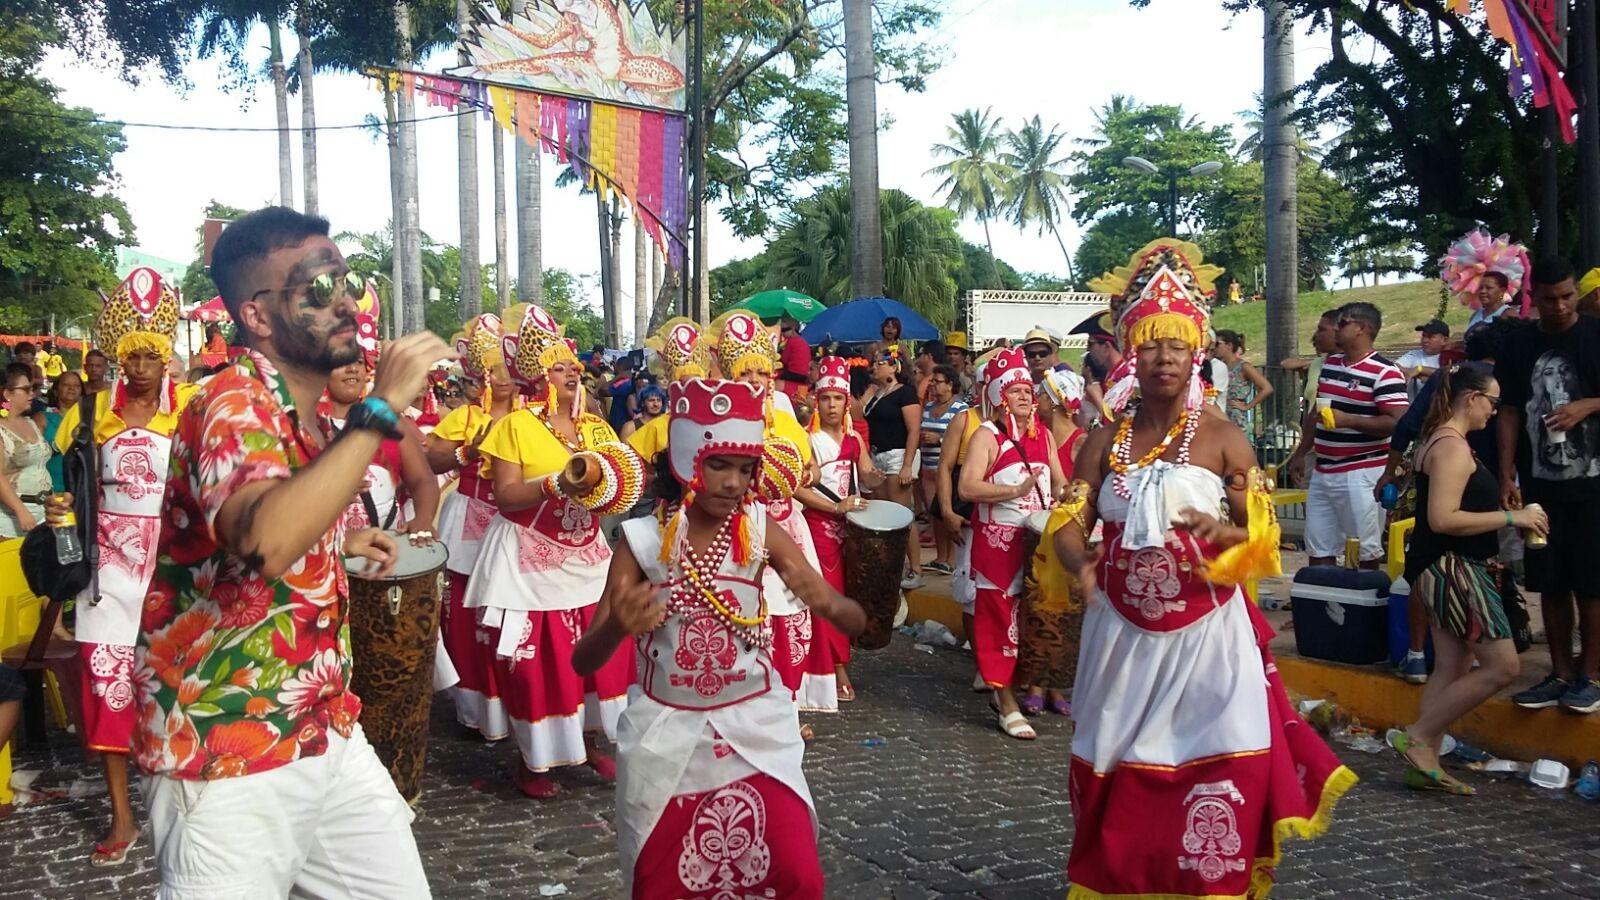 Encontro Estadual de Afoxés celebra 20 anos com cortejo e homenagem em Olinda